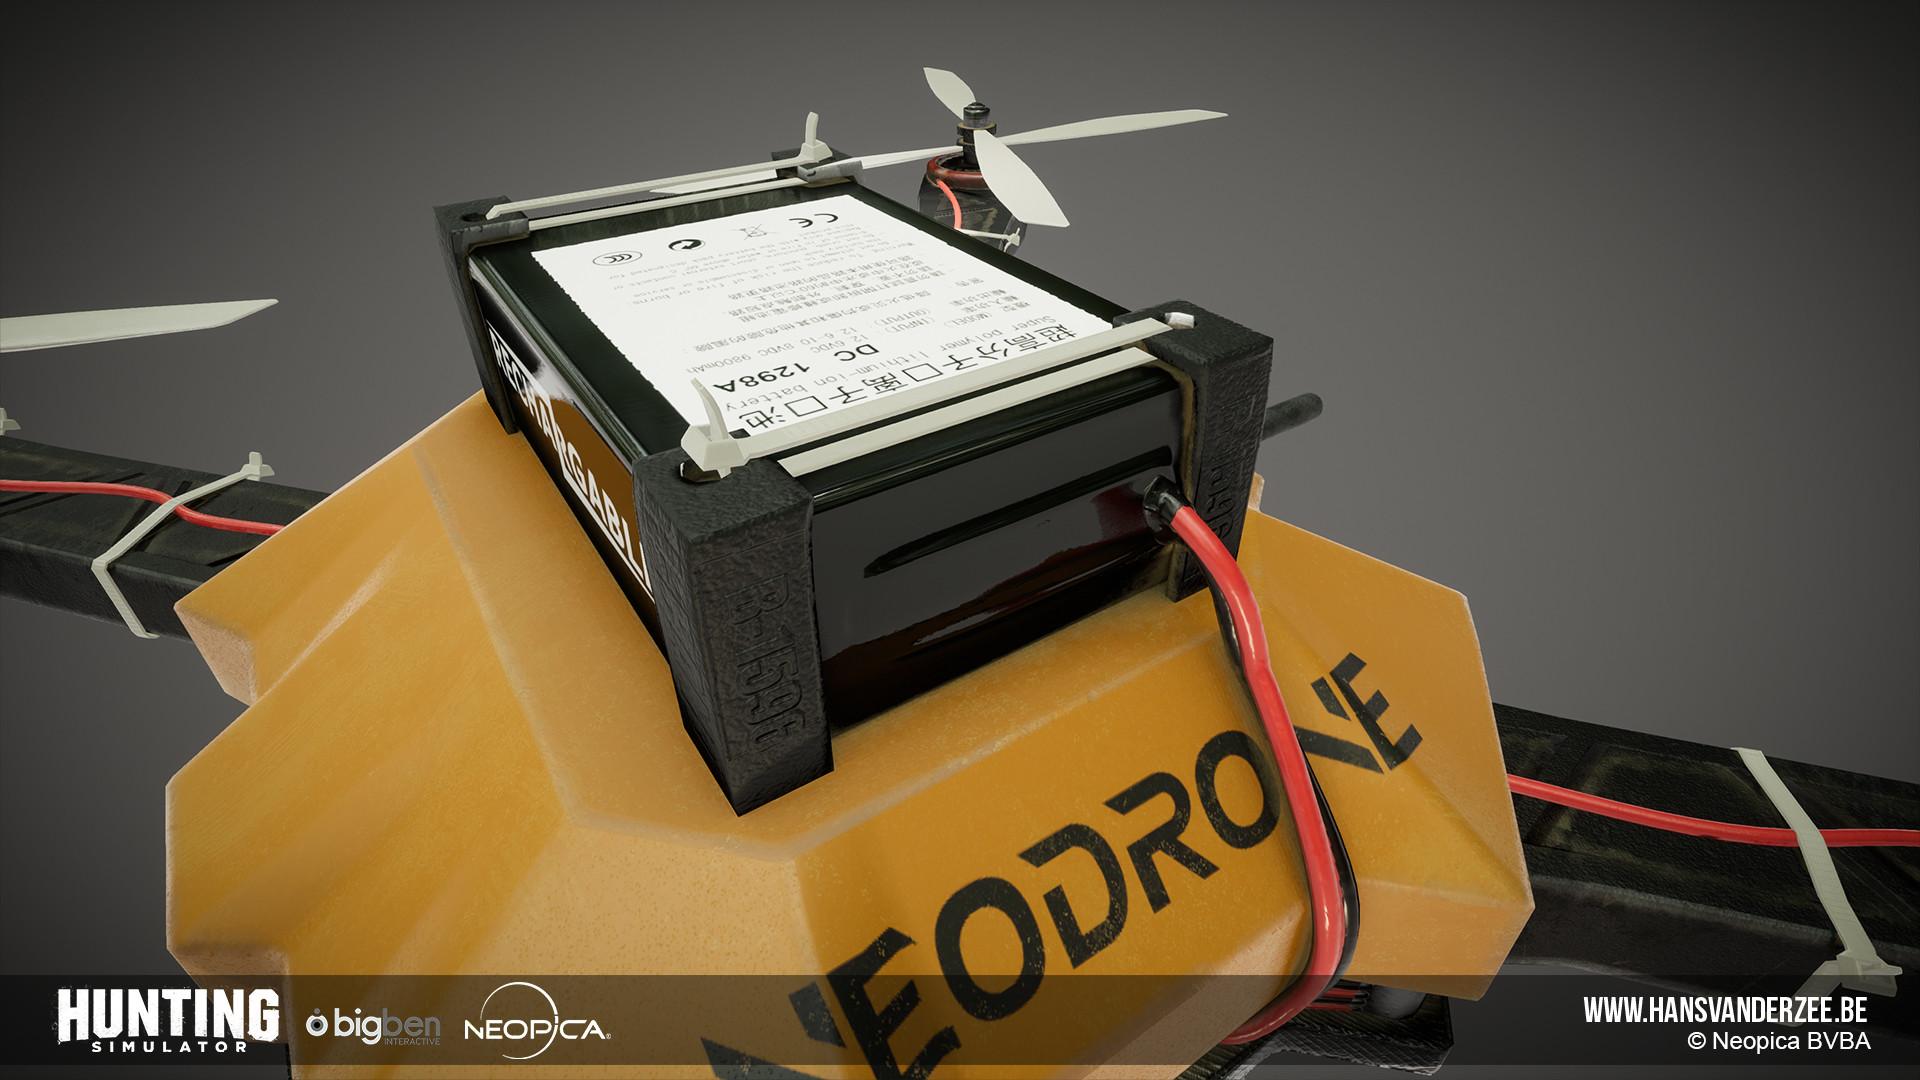 Hans van der zee drone3